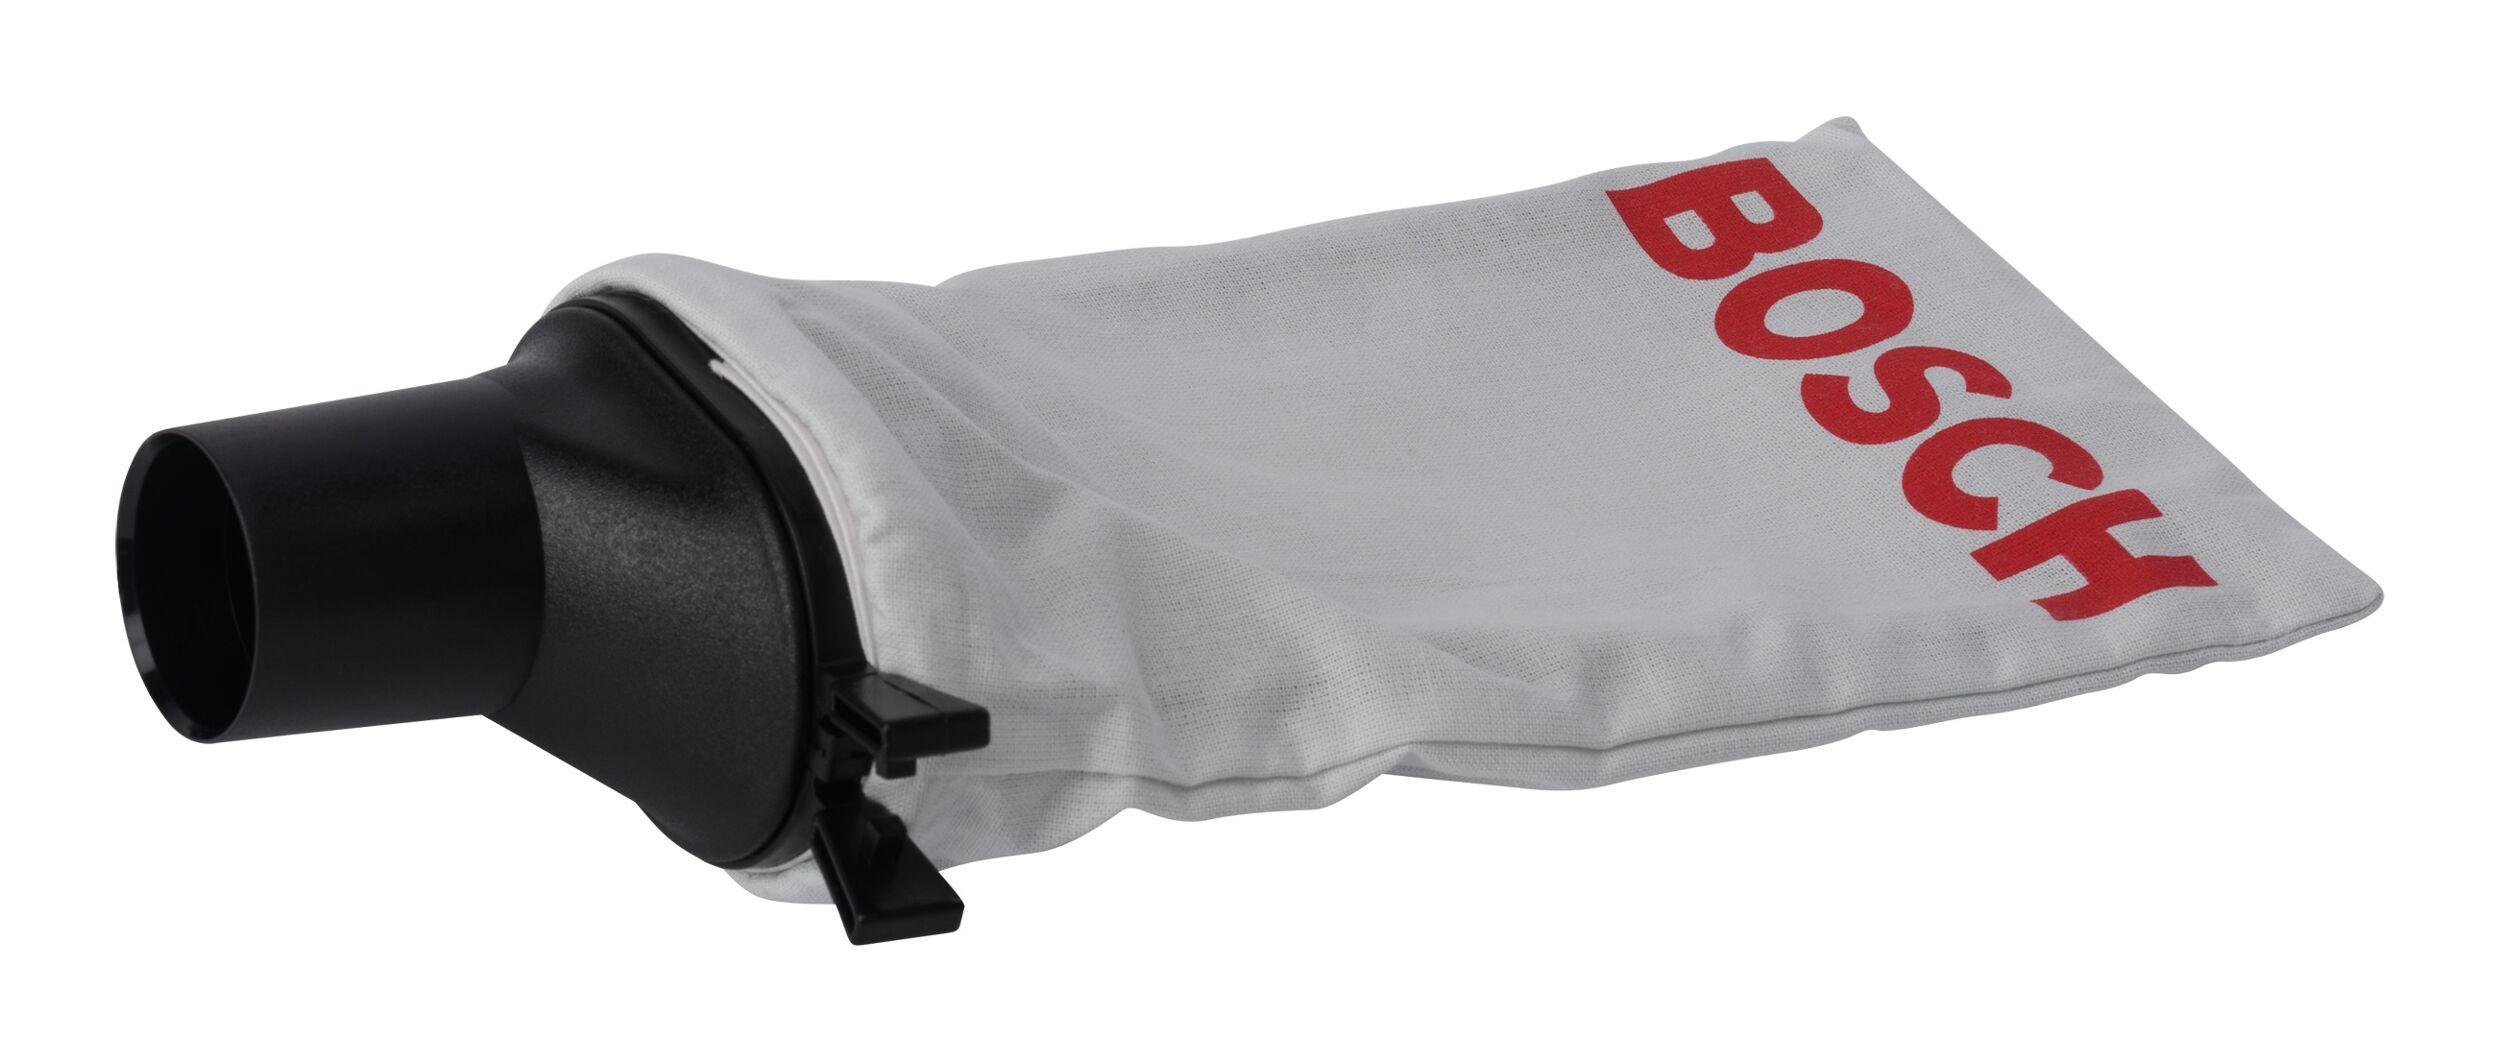 Bosch Zubehör Staubbeutel für Handkreissägen für PKS, GKS - 1605411029